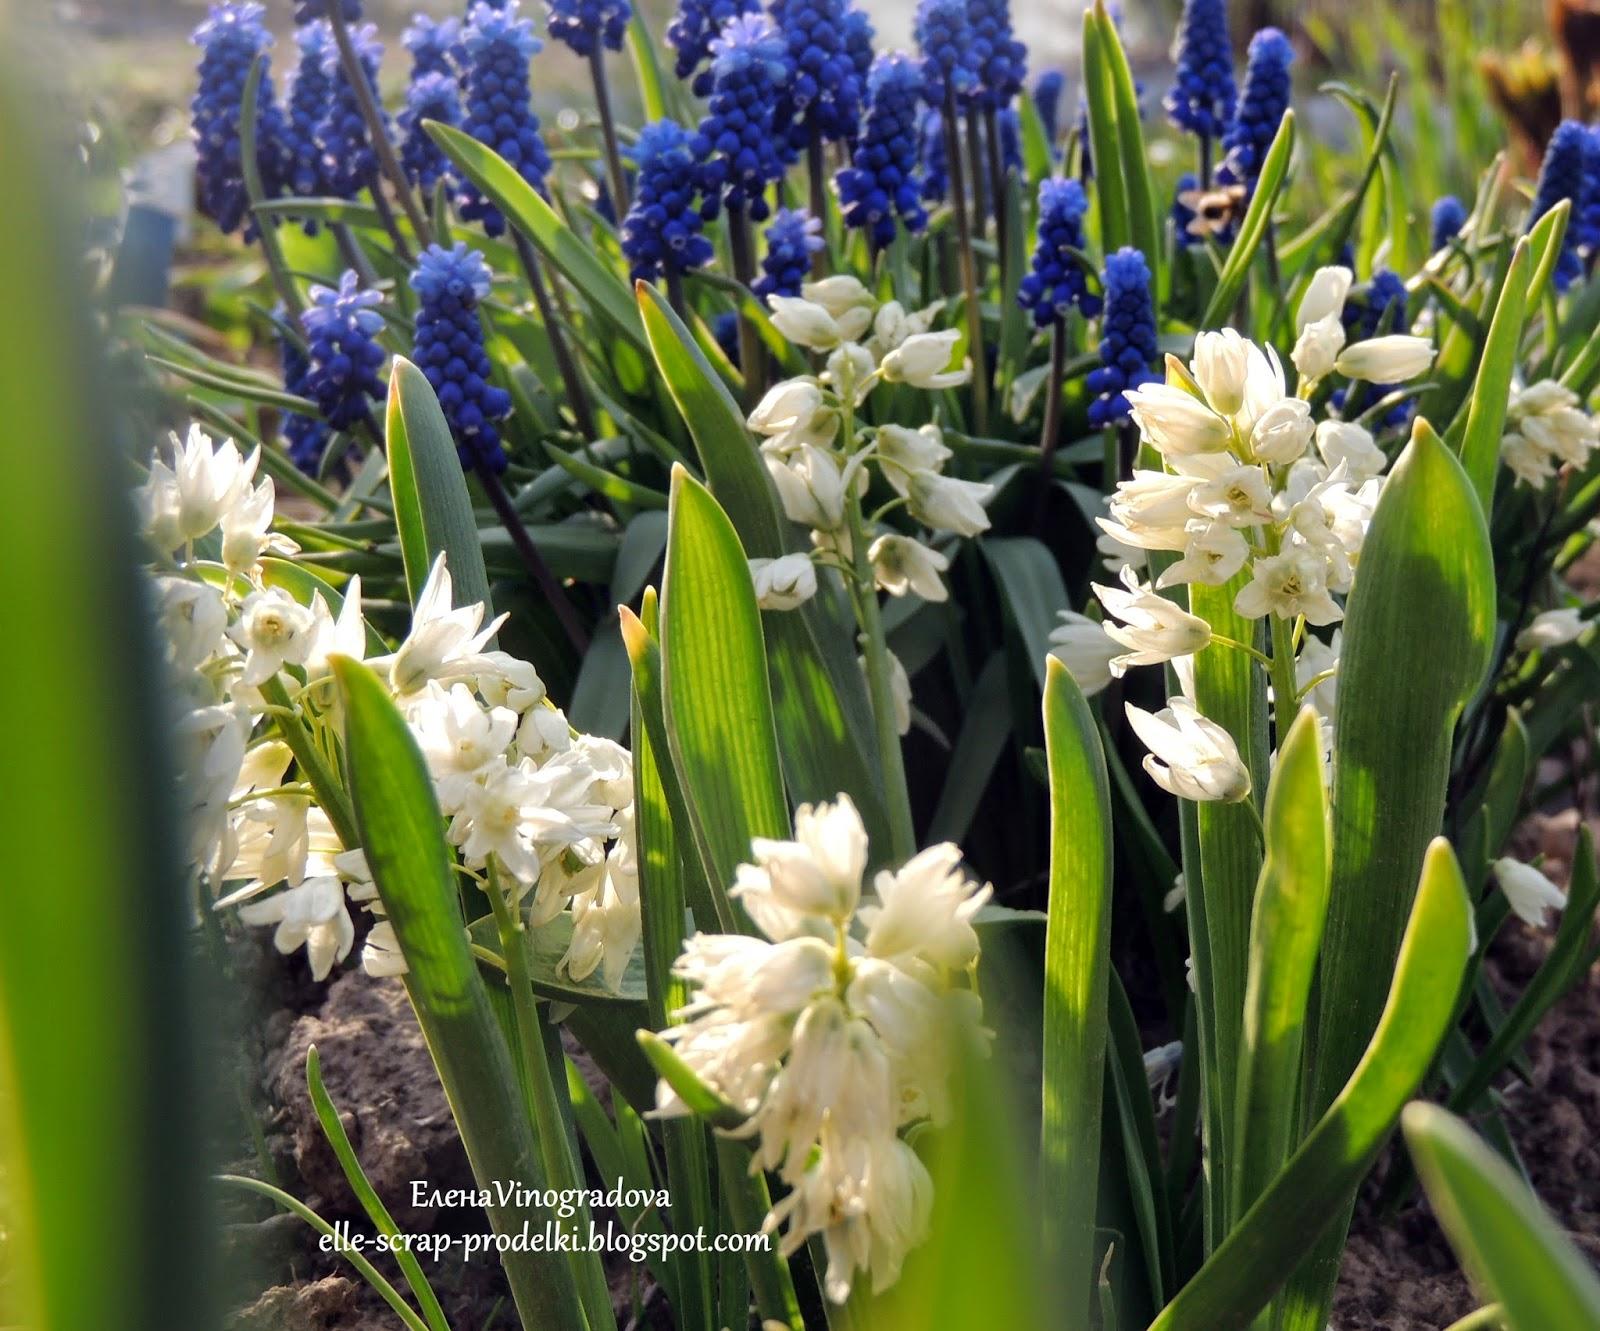 ЕленаVinogradova. Цветы нашего сада #1